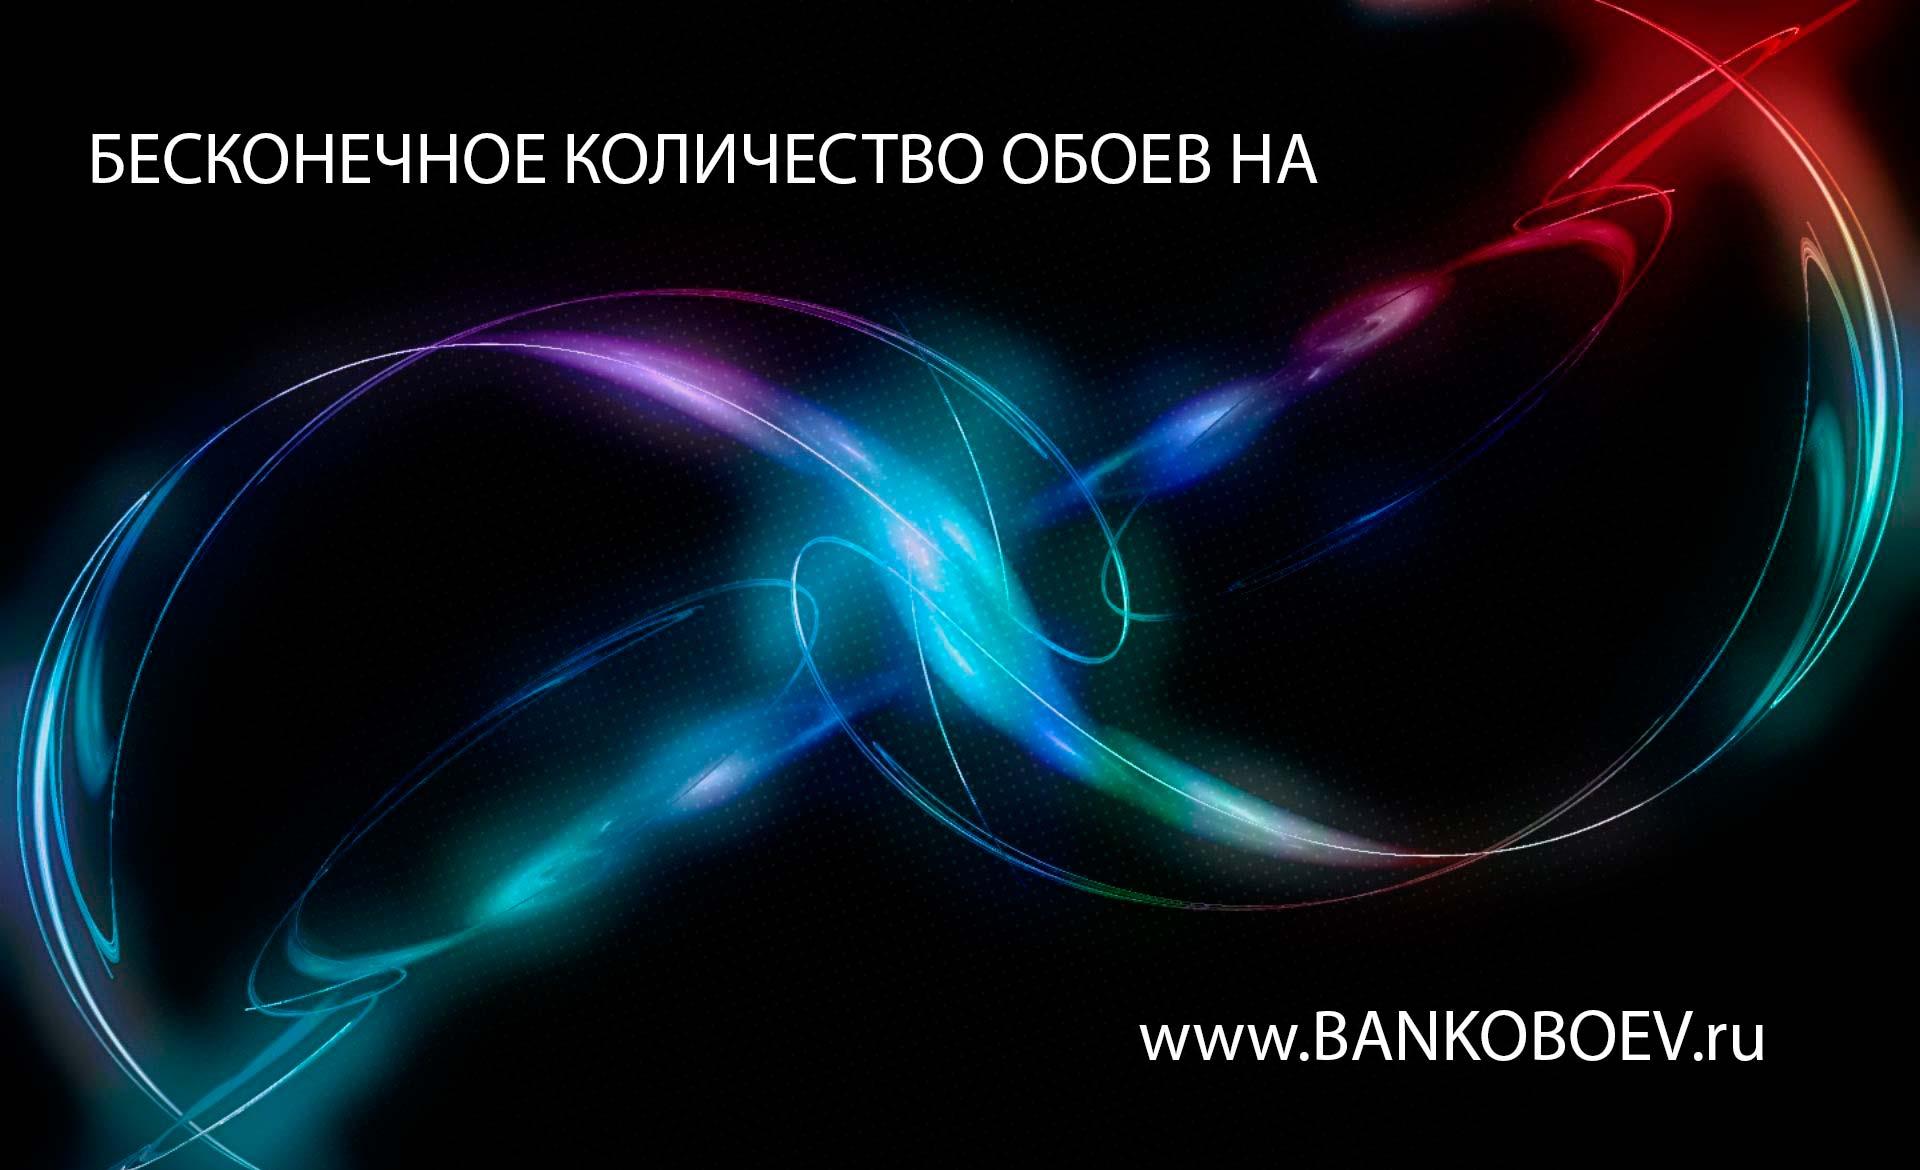 Source httpwwwbankoboevruimagesMjI5MTYyBankoboevRu letnyaya 1600x1200